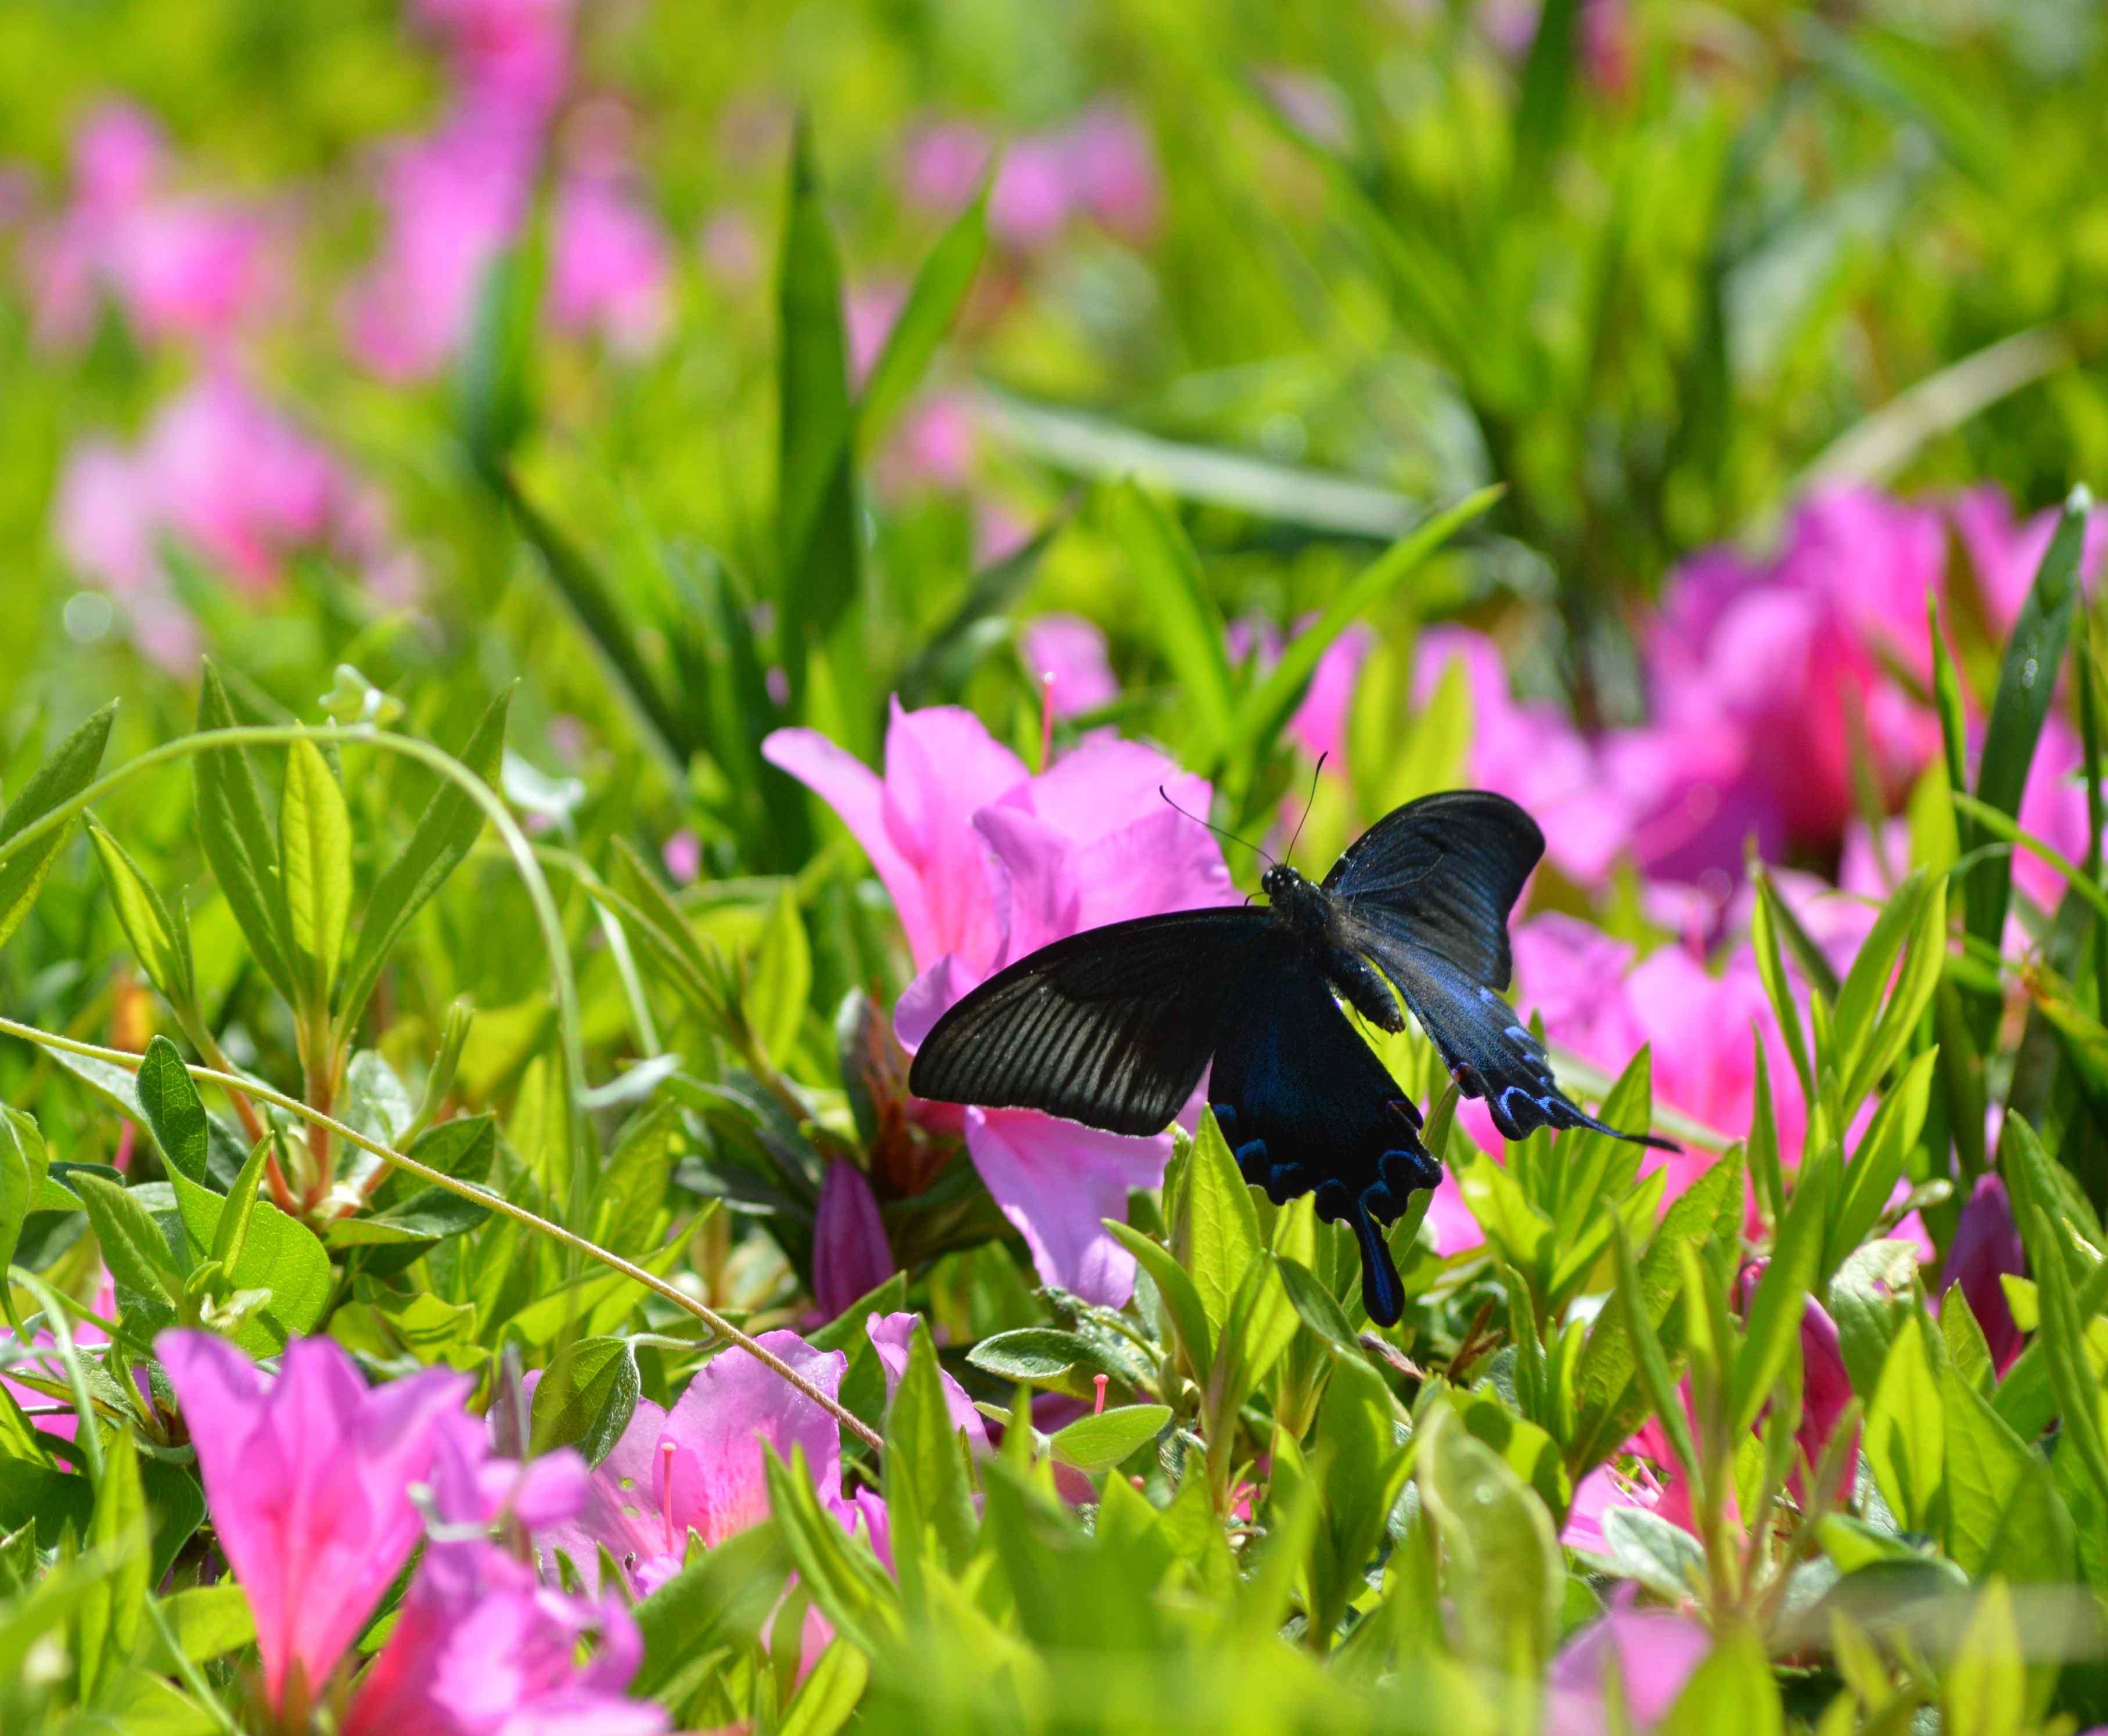 カラスアゲハ 5月2日ツツジの咲く公園にて_d0254540_15443818.jpg